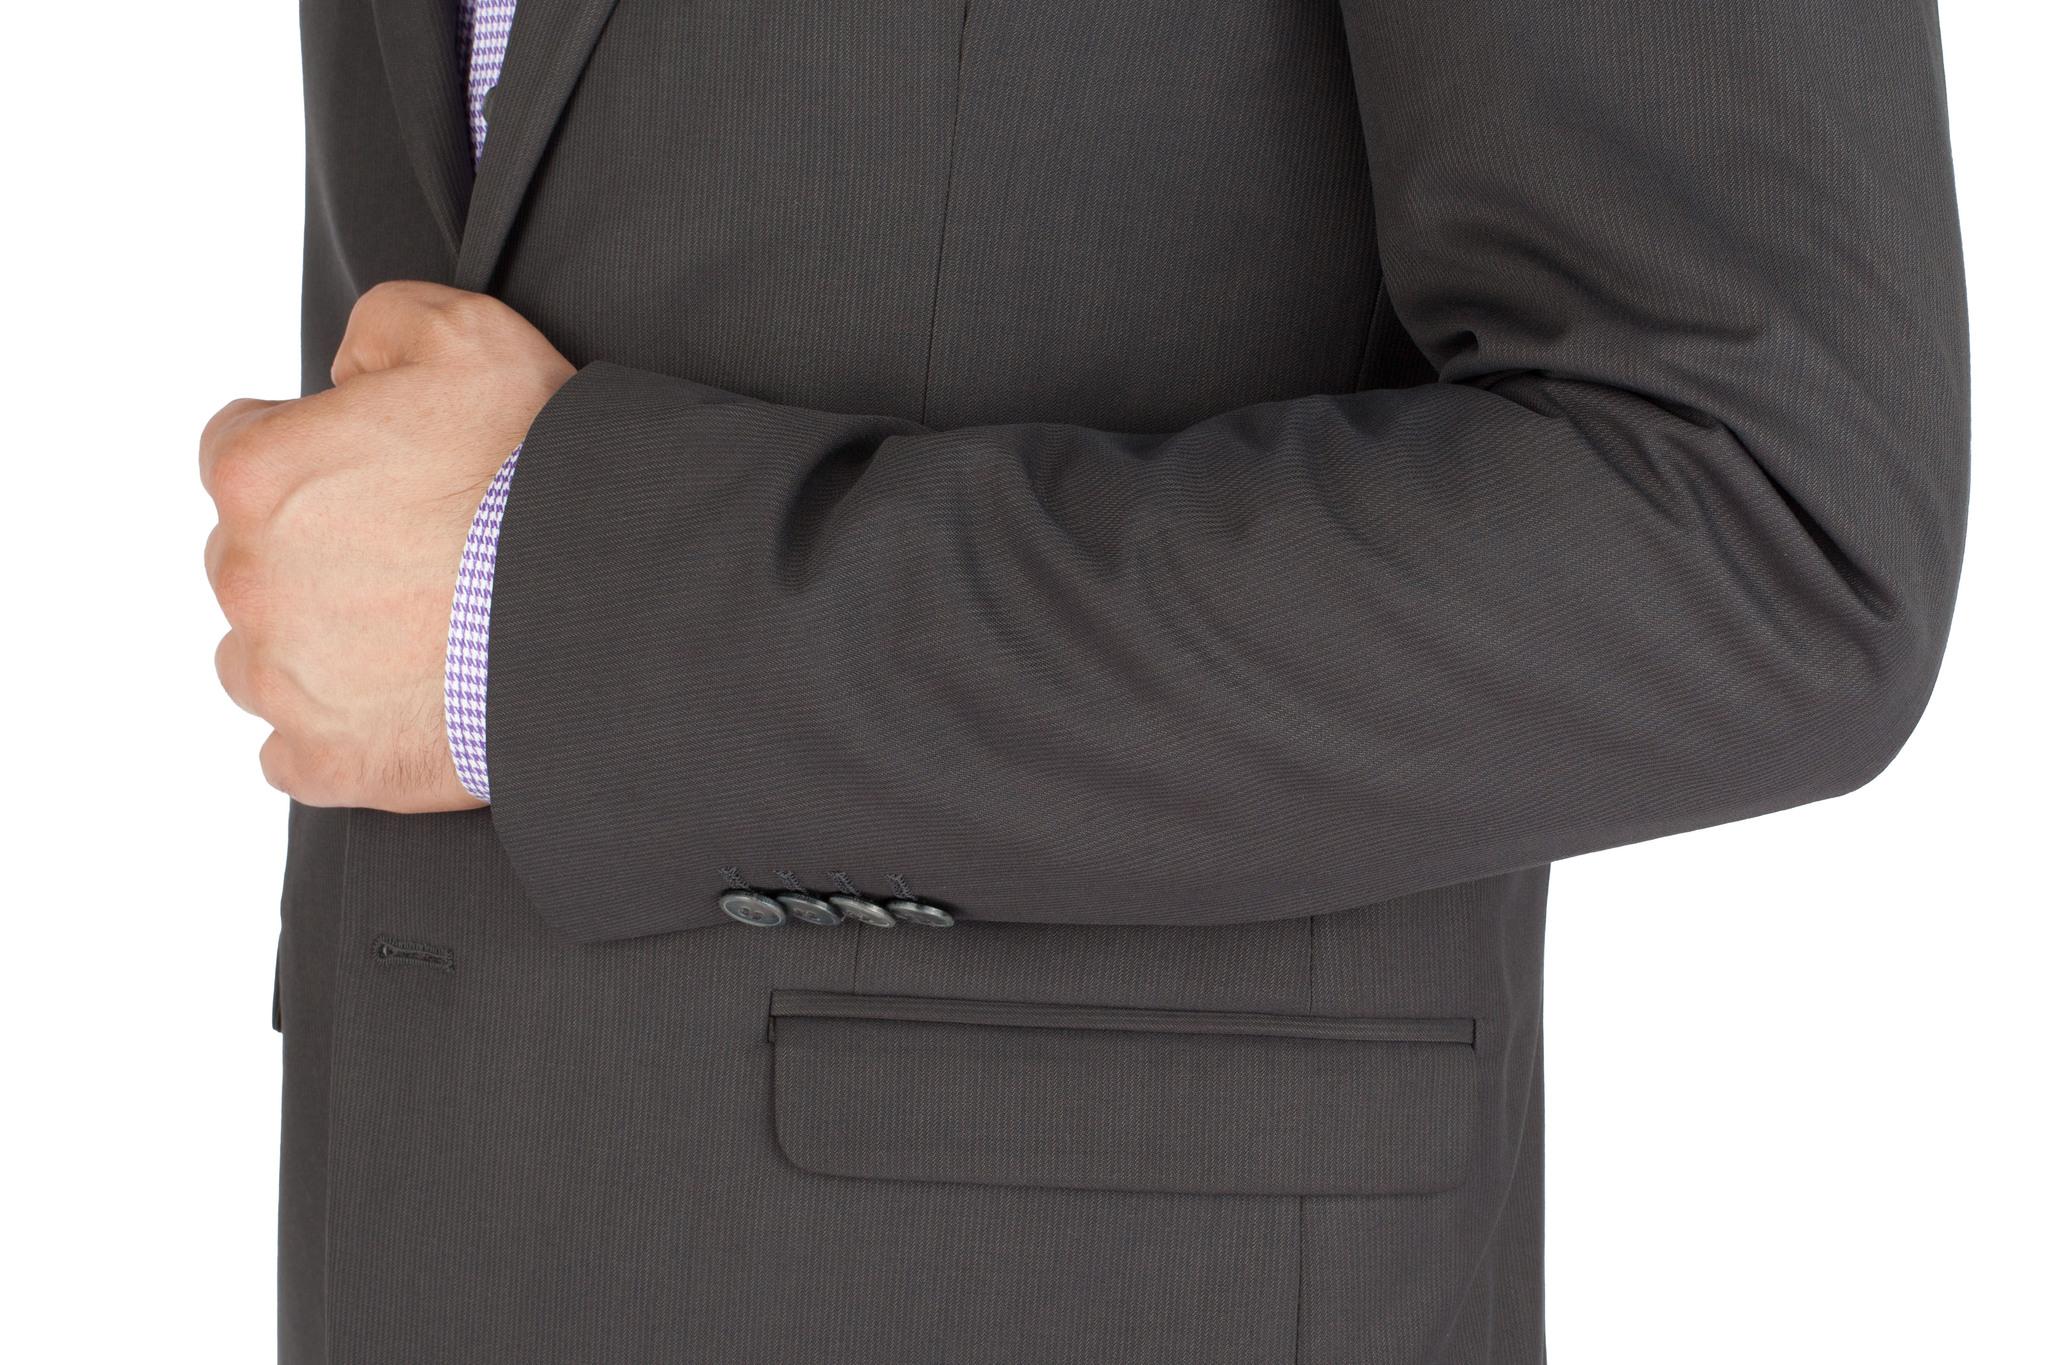 Тёмно-серый шерстяной костюм в еле заметную полоску